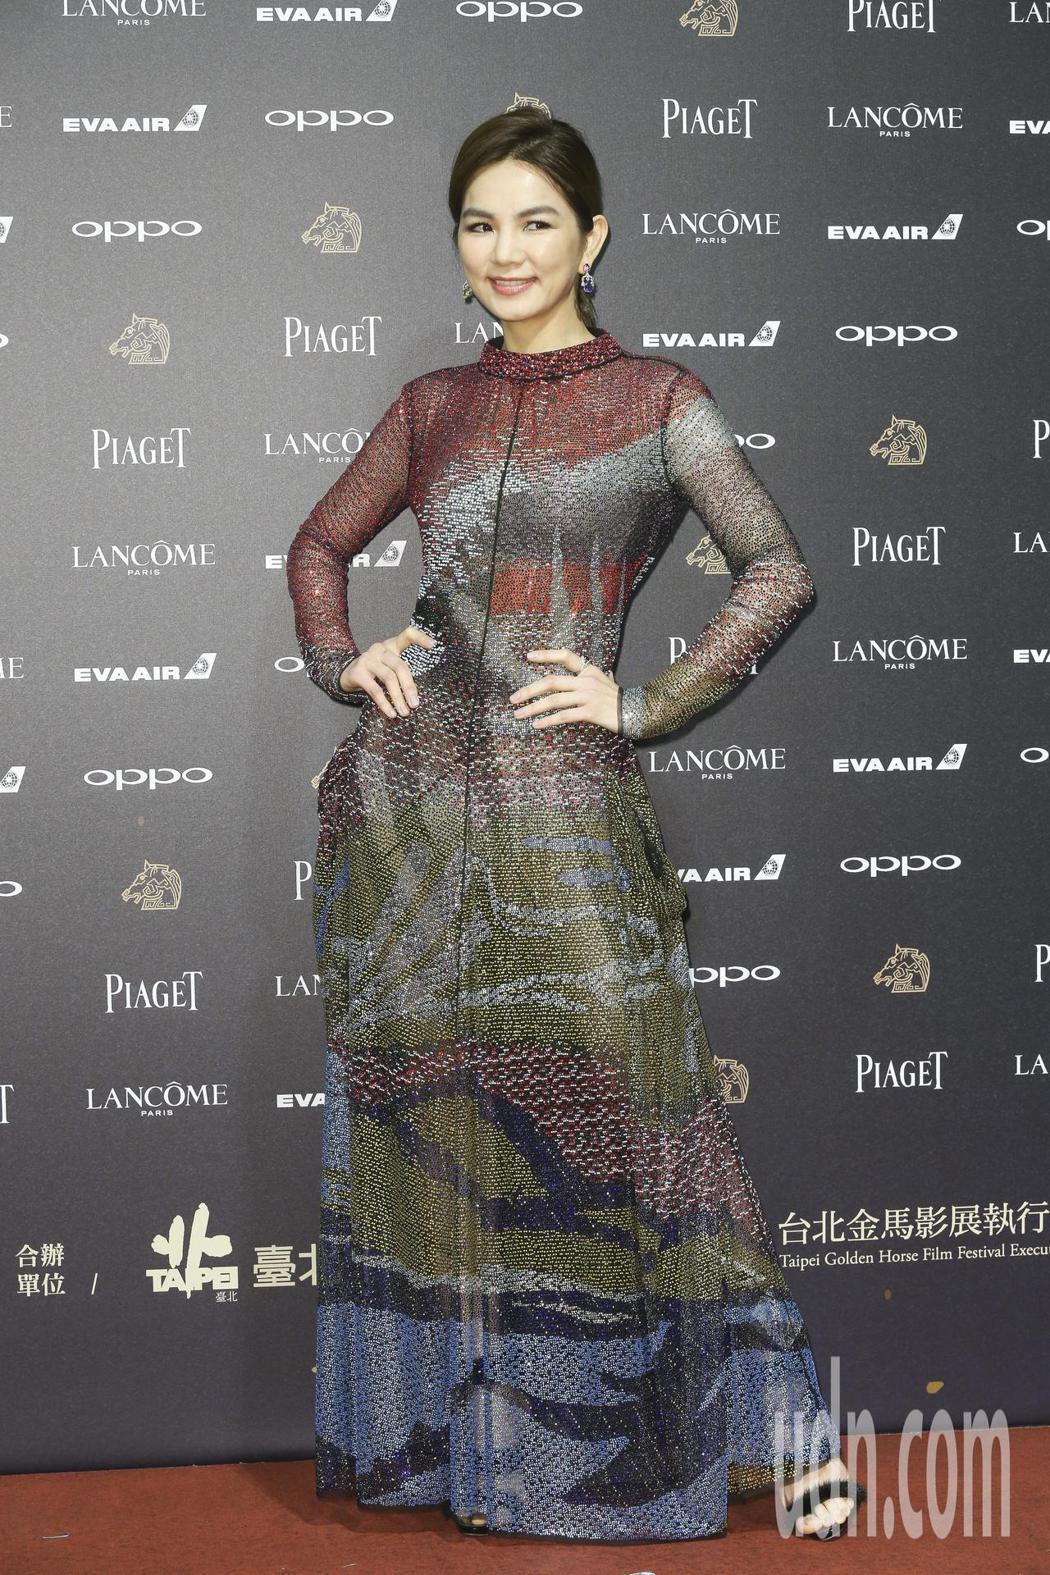 第五十四屆金馬獎頒獎嘉賓Ella 陳嘉樺走紅毯。記者林俊良/攝影